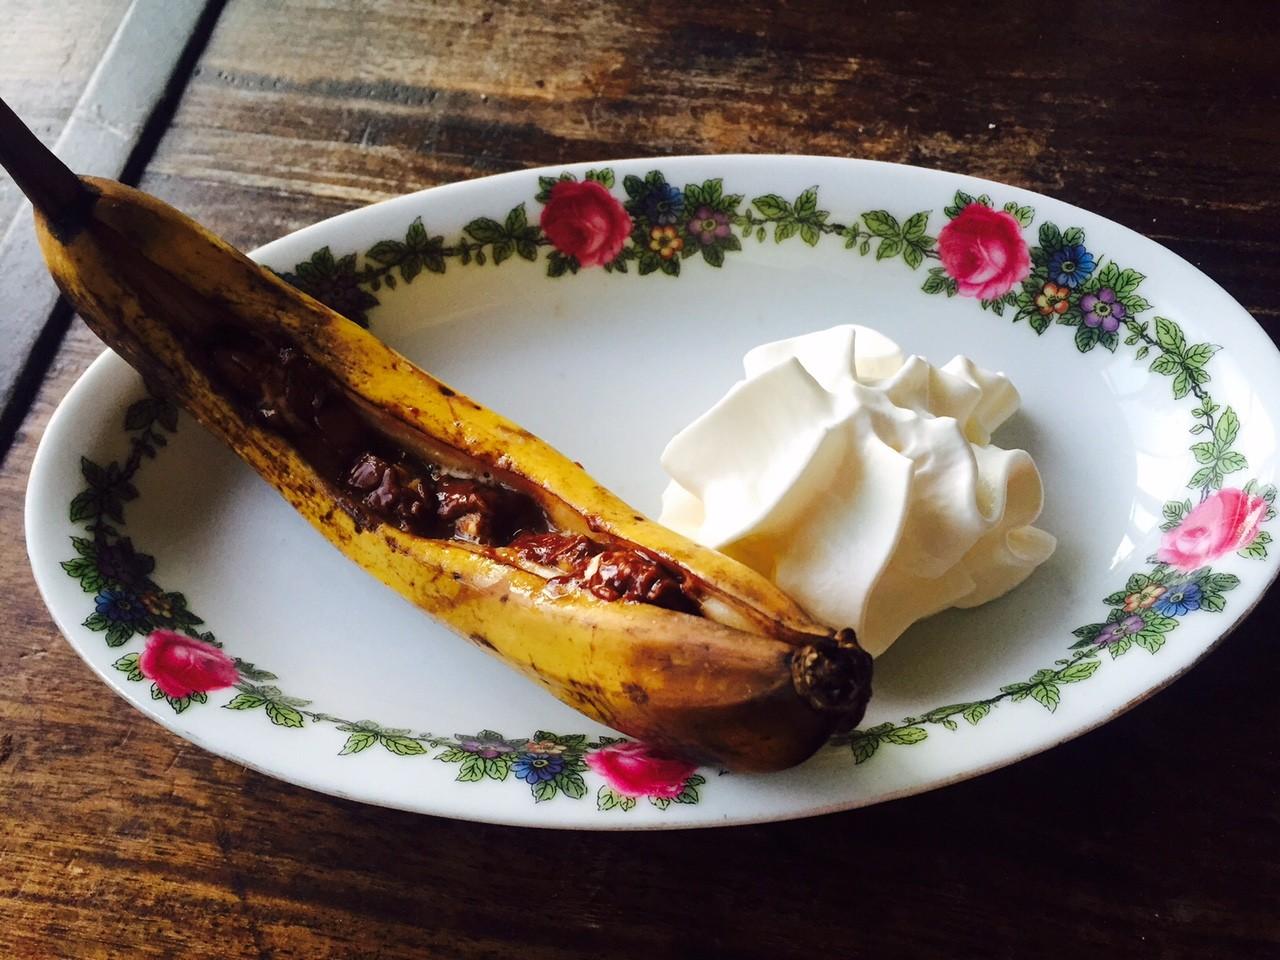 Recept voor bananasplit van de barbecue receptblog Foodinista